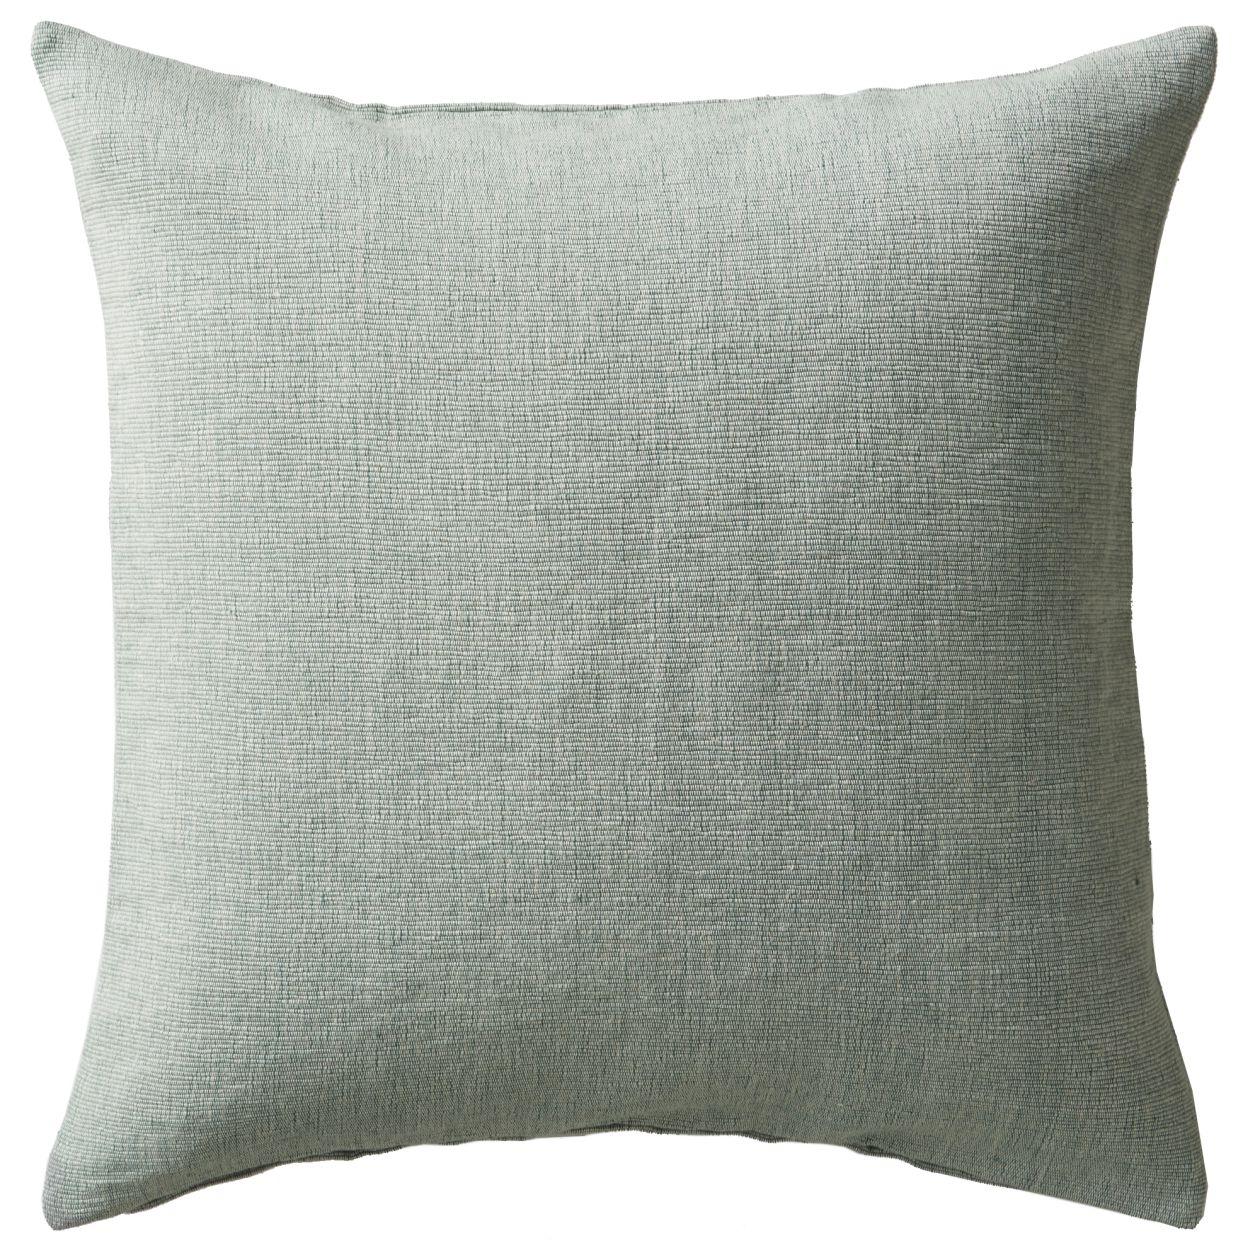 綿手織座ぶとんカバー/グリーン